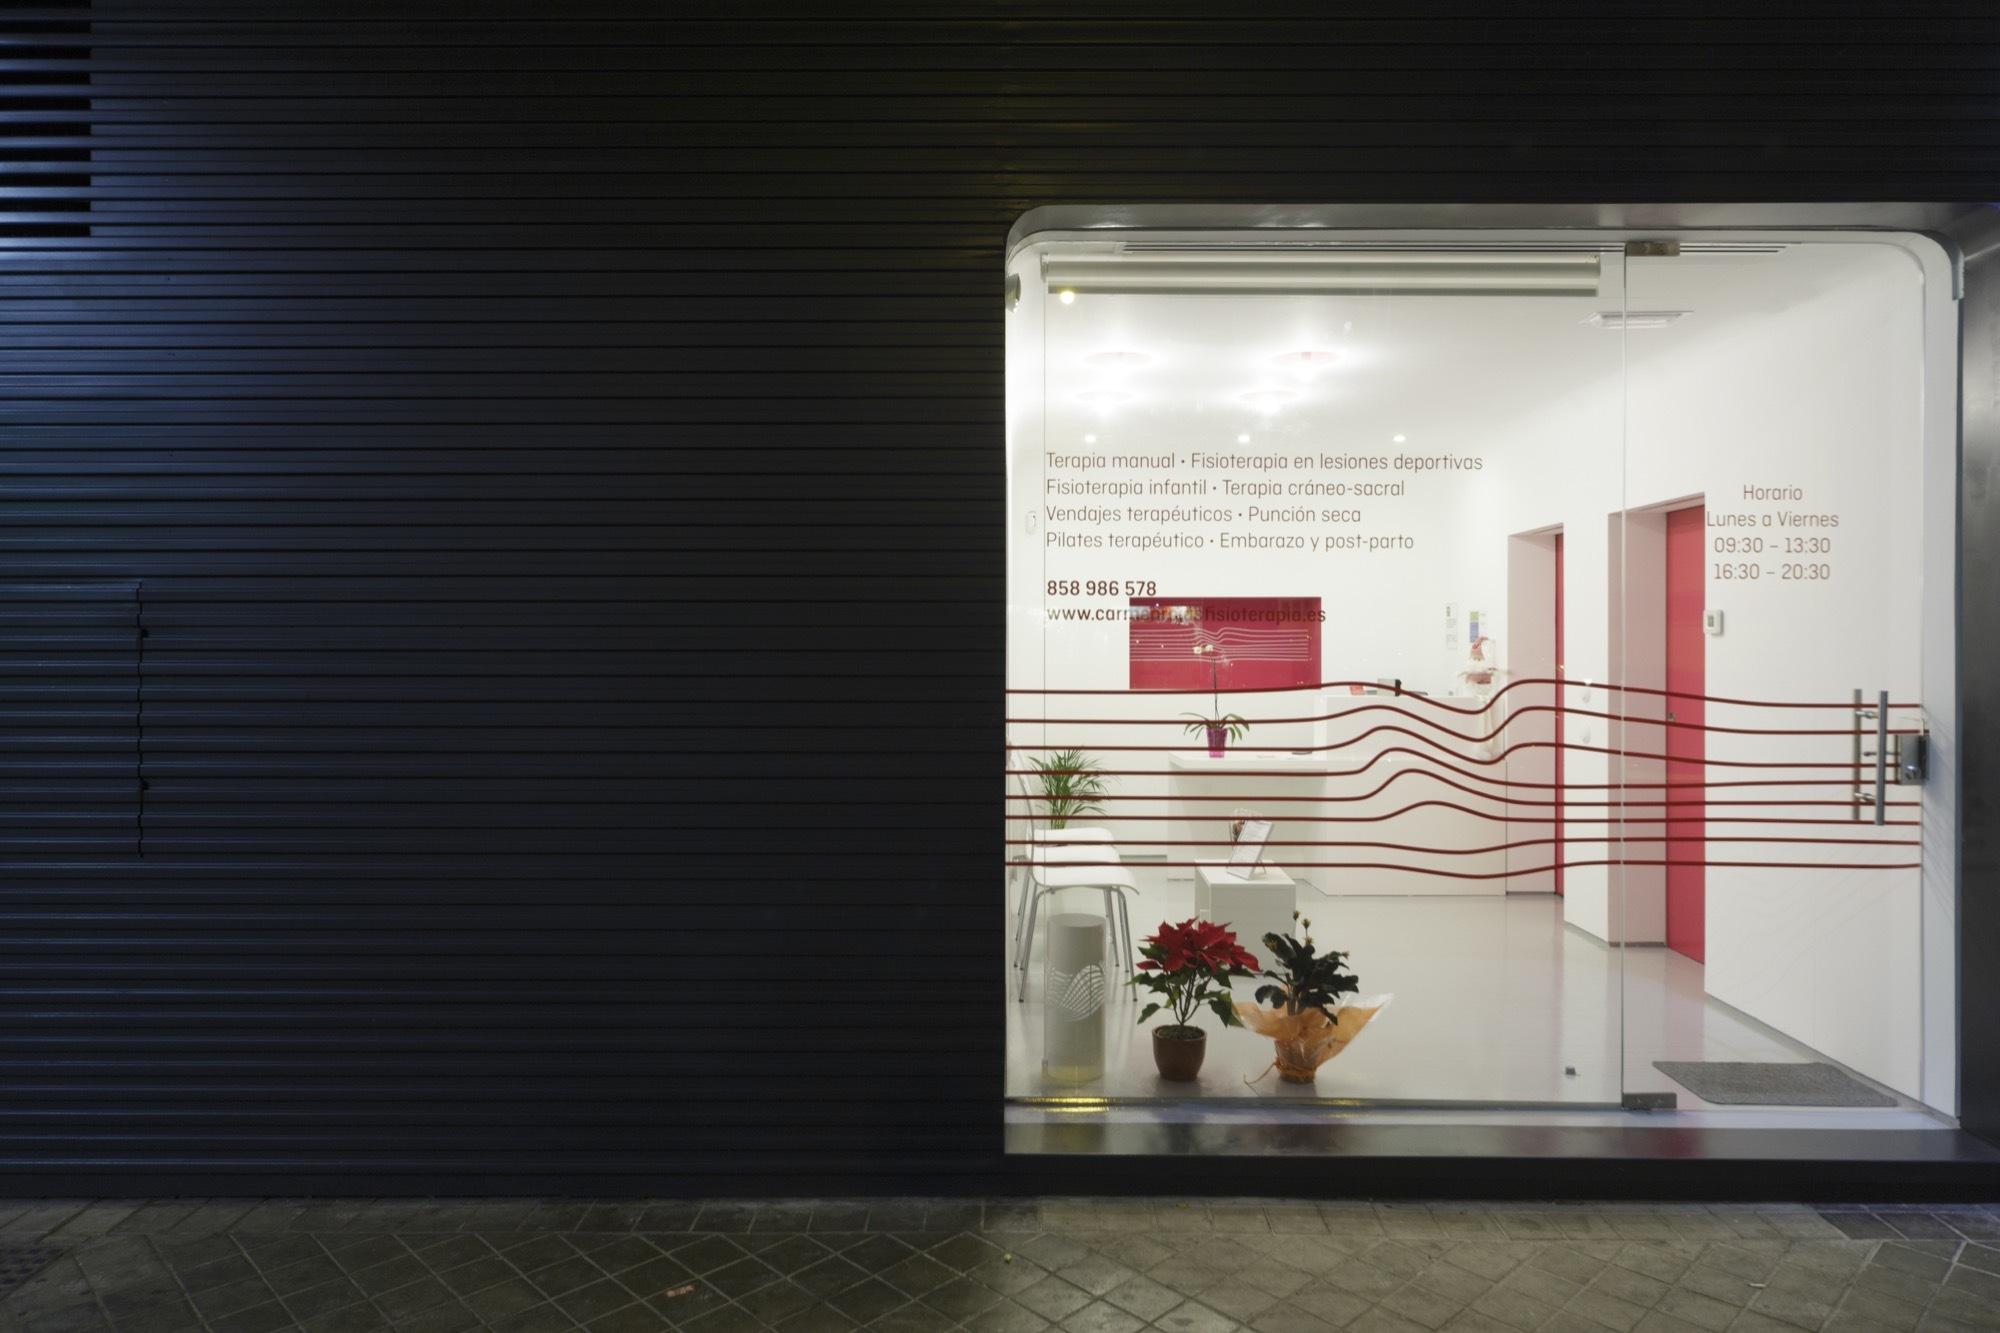 Galeria de cl nica fisio cuac arquitectura 3 - Cuac arquitectura ...